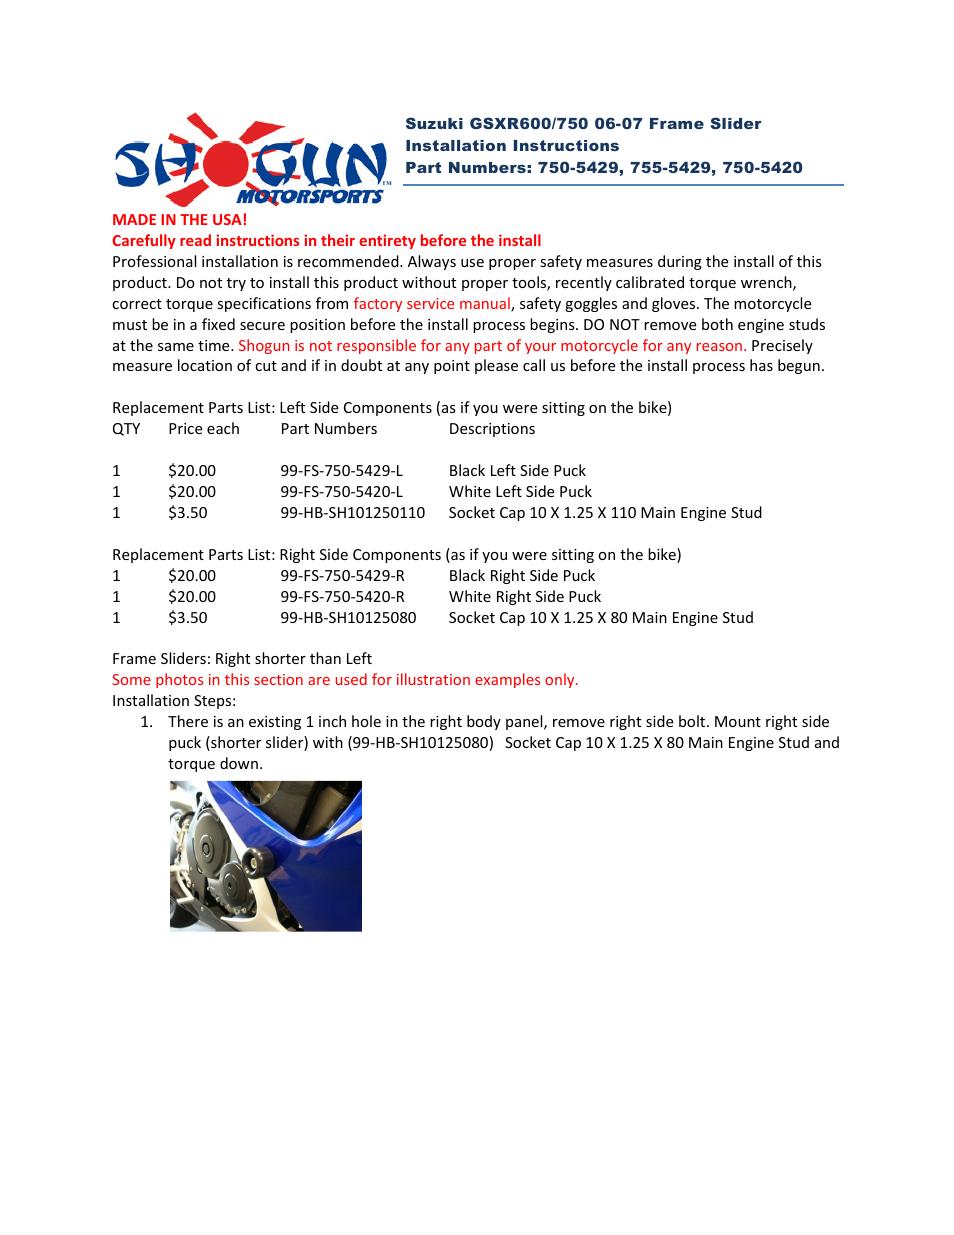 Shogun Motorsports Suzuki GSXR600_750 (06-07) Frame Slider User ...